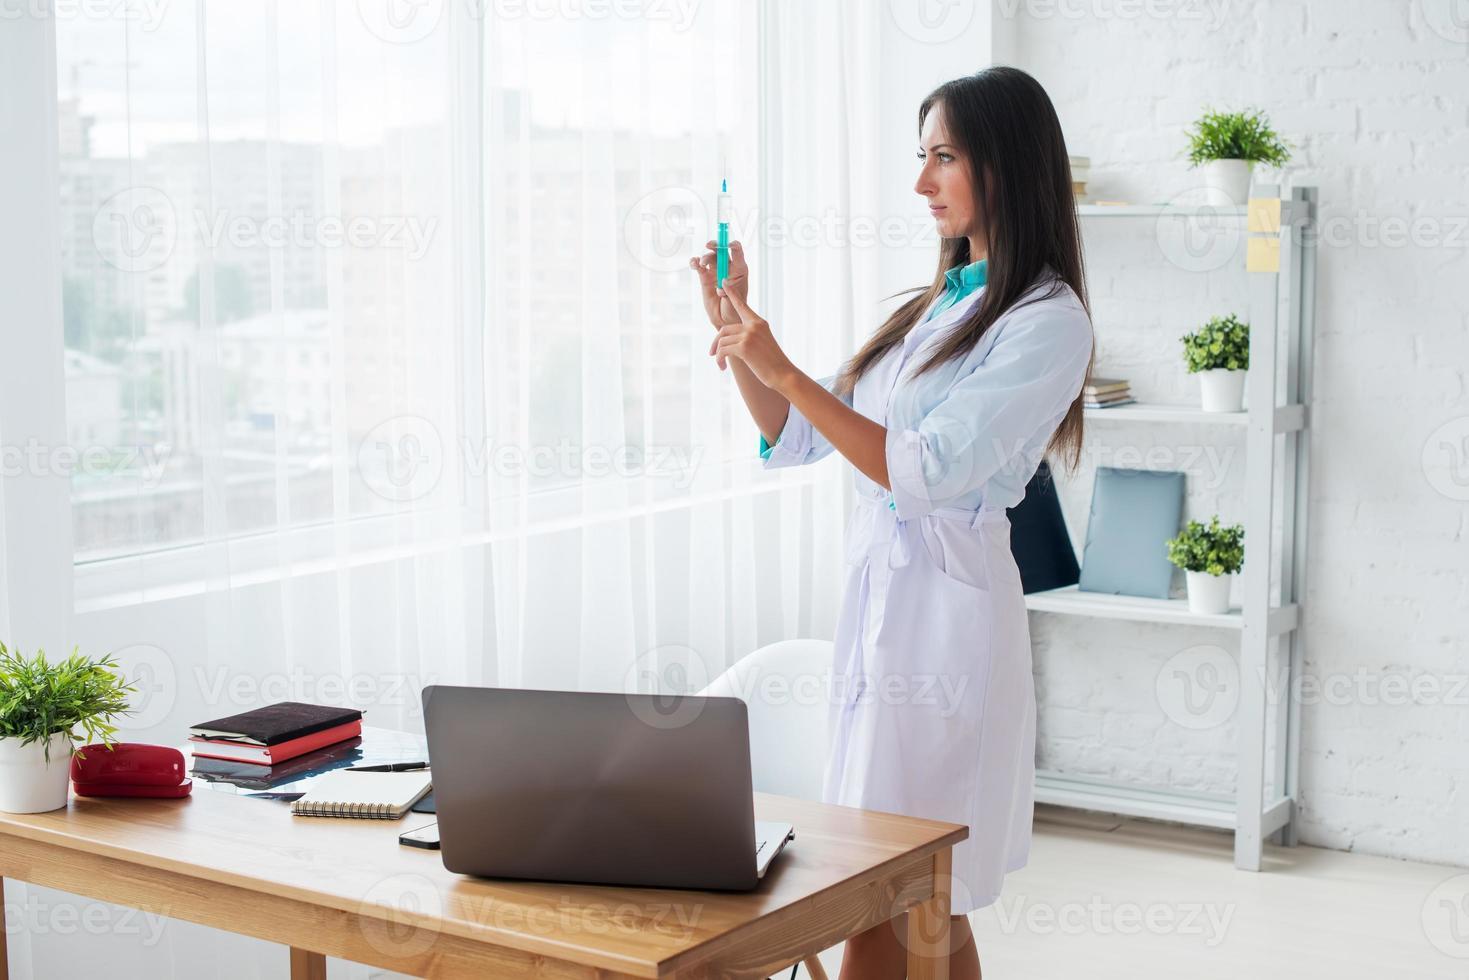 kvinnlig läkare eller sjuksköterska med spruta på sjukhus foto